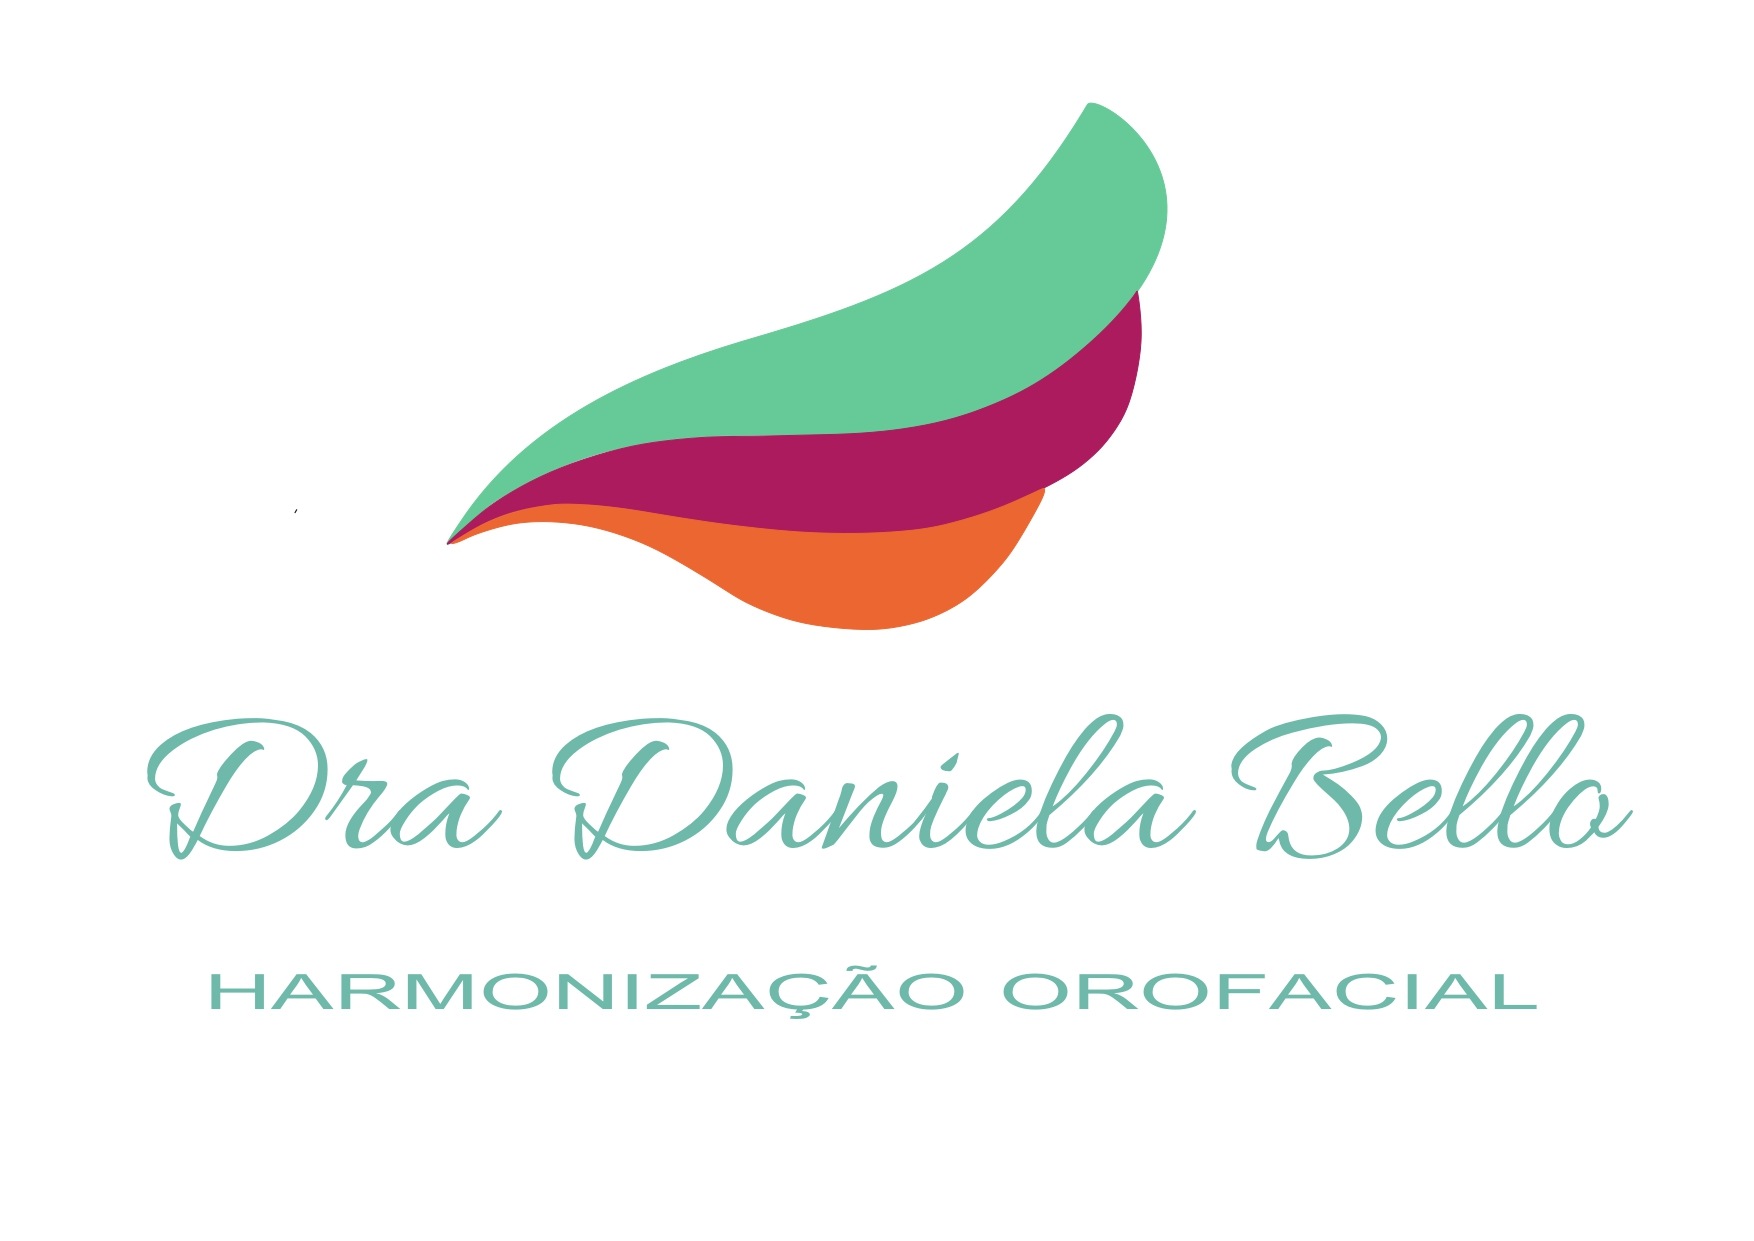 Dra. Daniela Bello Harmonizção Orofacial